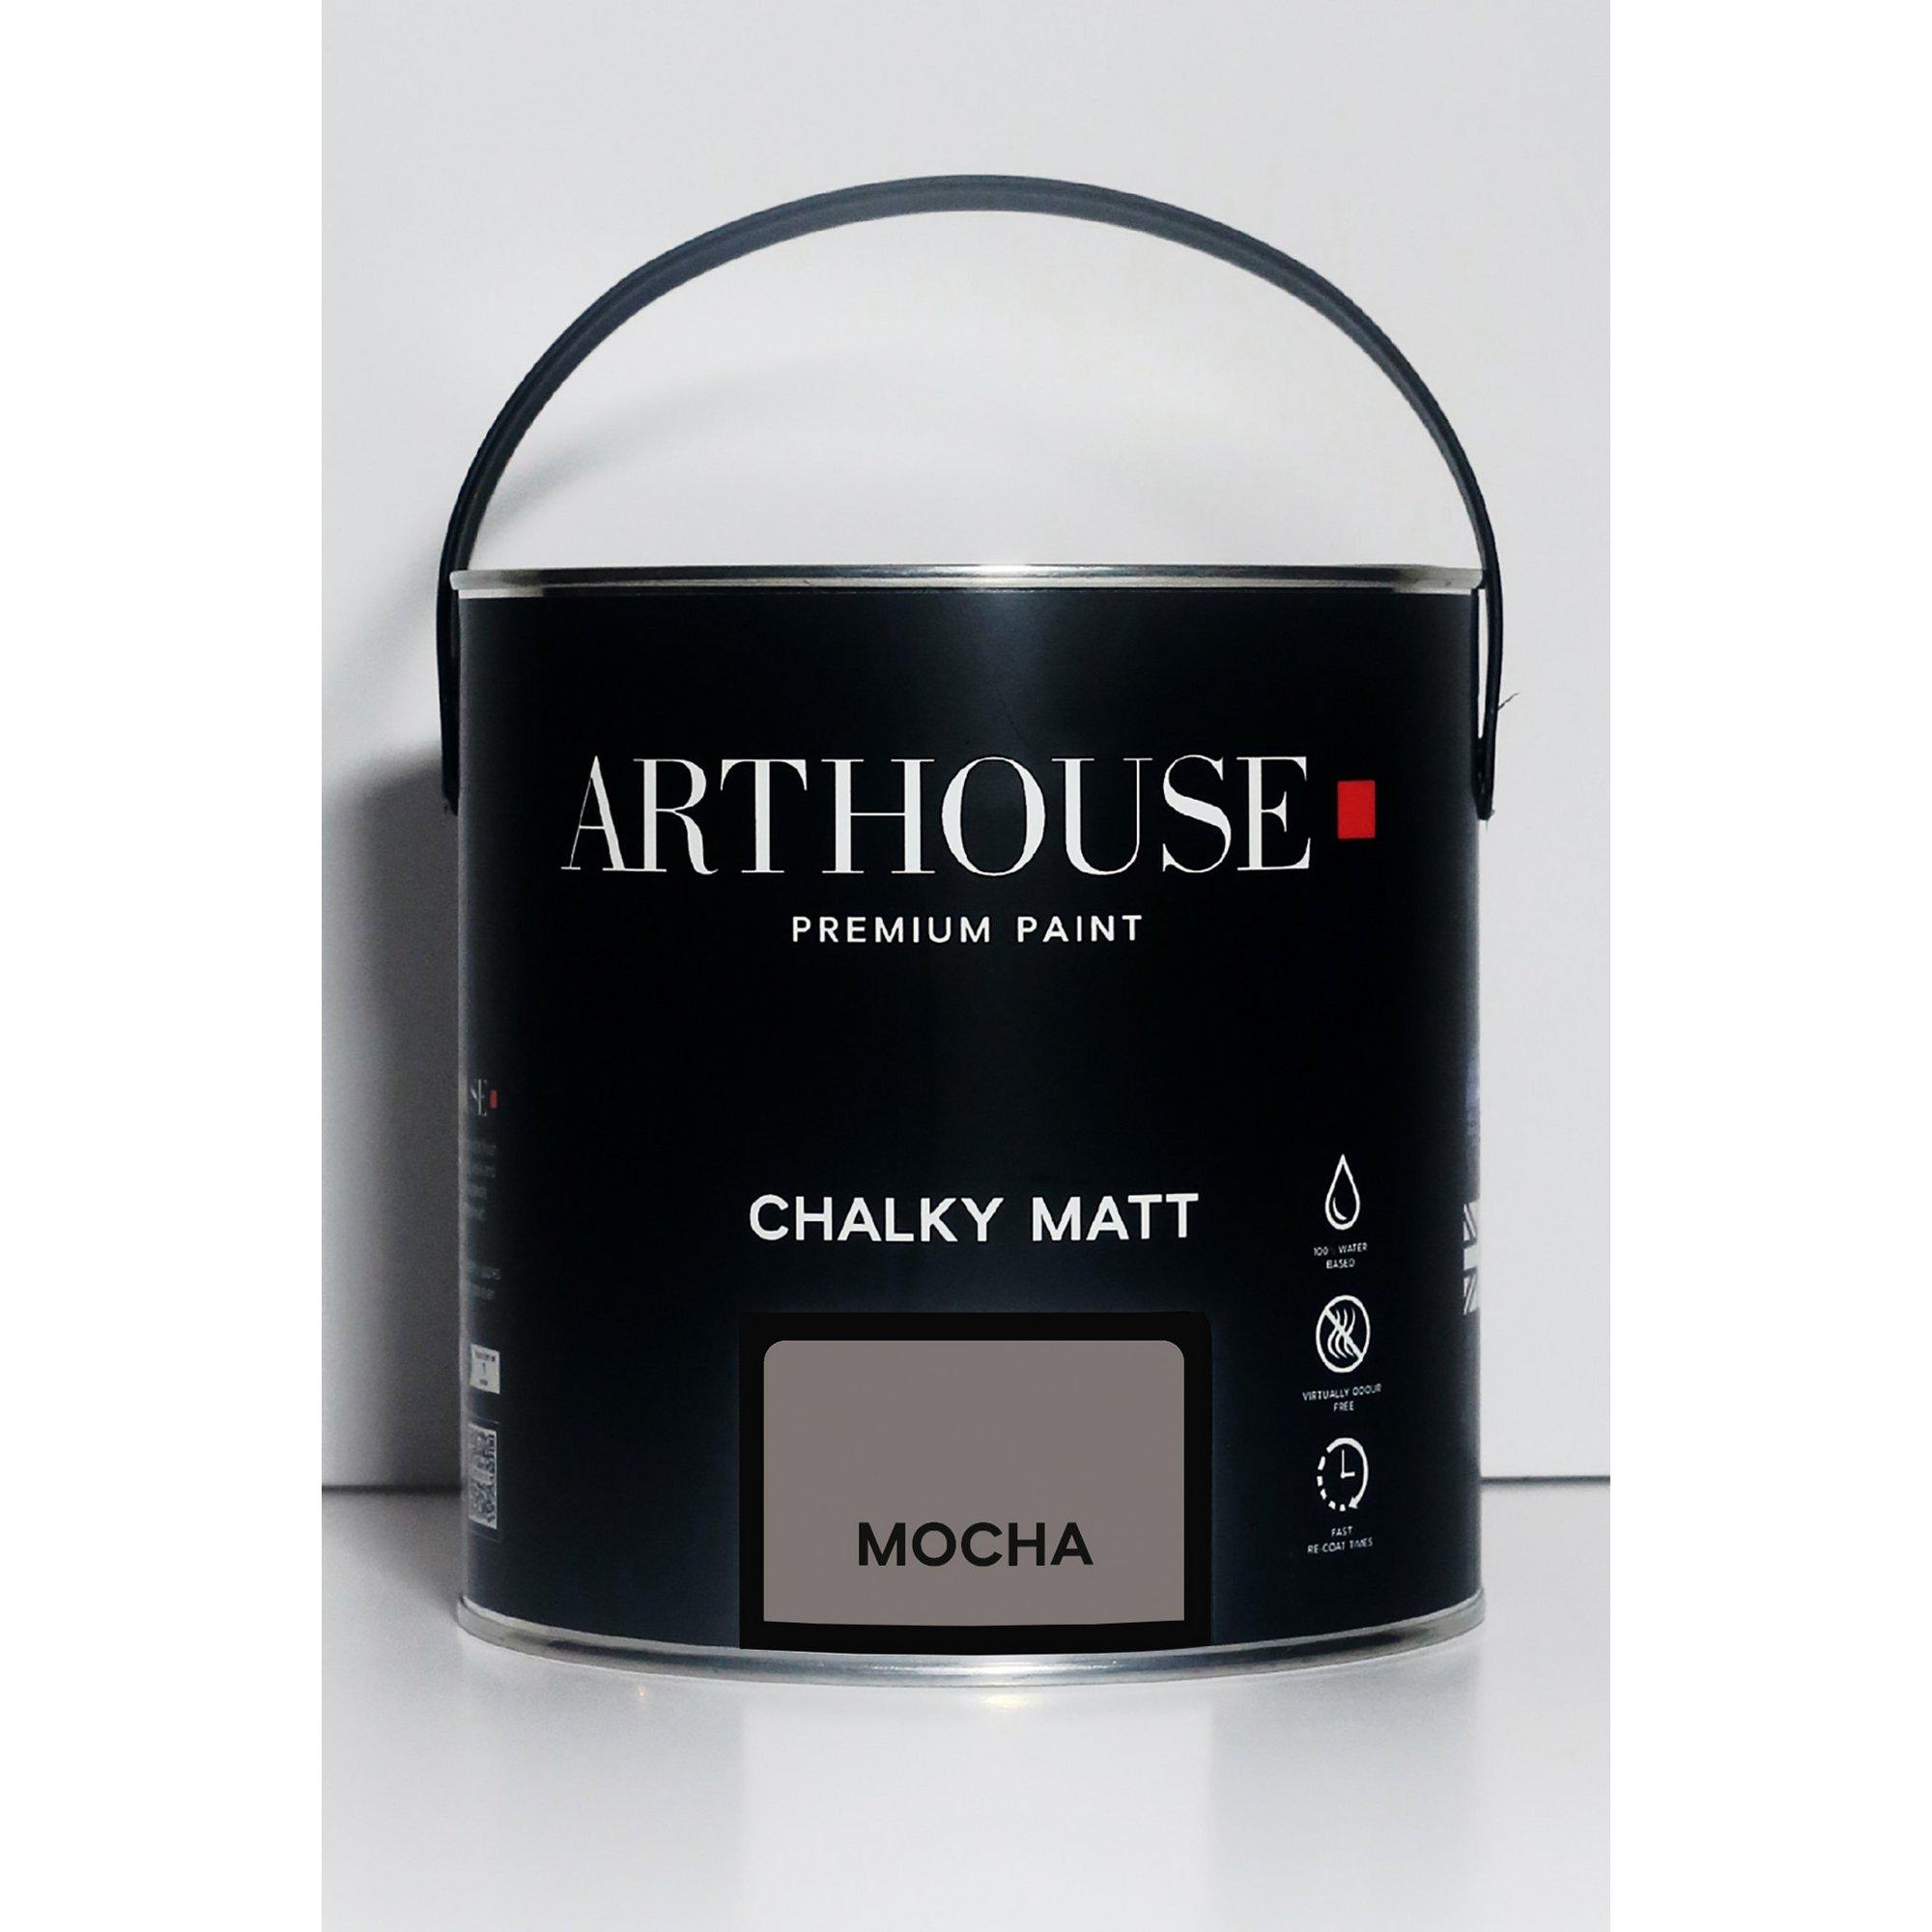 Image of Chalky Matt Mocha Emulsion Paint